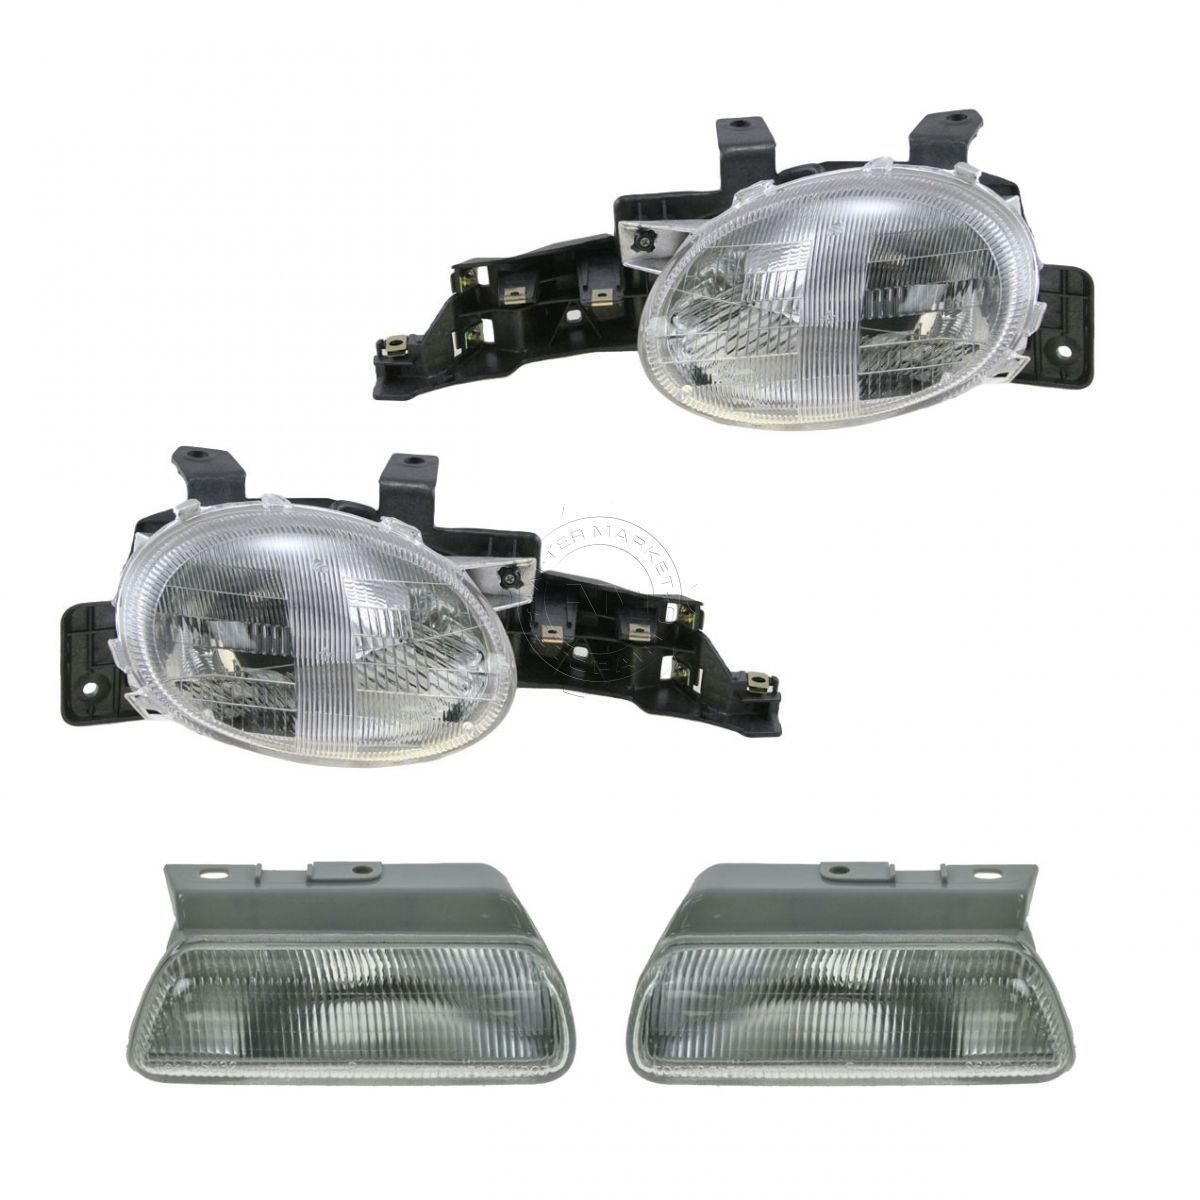 コーナーライト Headlights Headlamps & Corner Parking Lights Left & Right Set Kit for 95-99 Neon ヘッドライトヘッドランプ& コーナーパーキングライト& 95-99ネオンの右セットキット